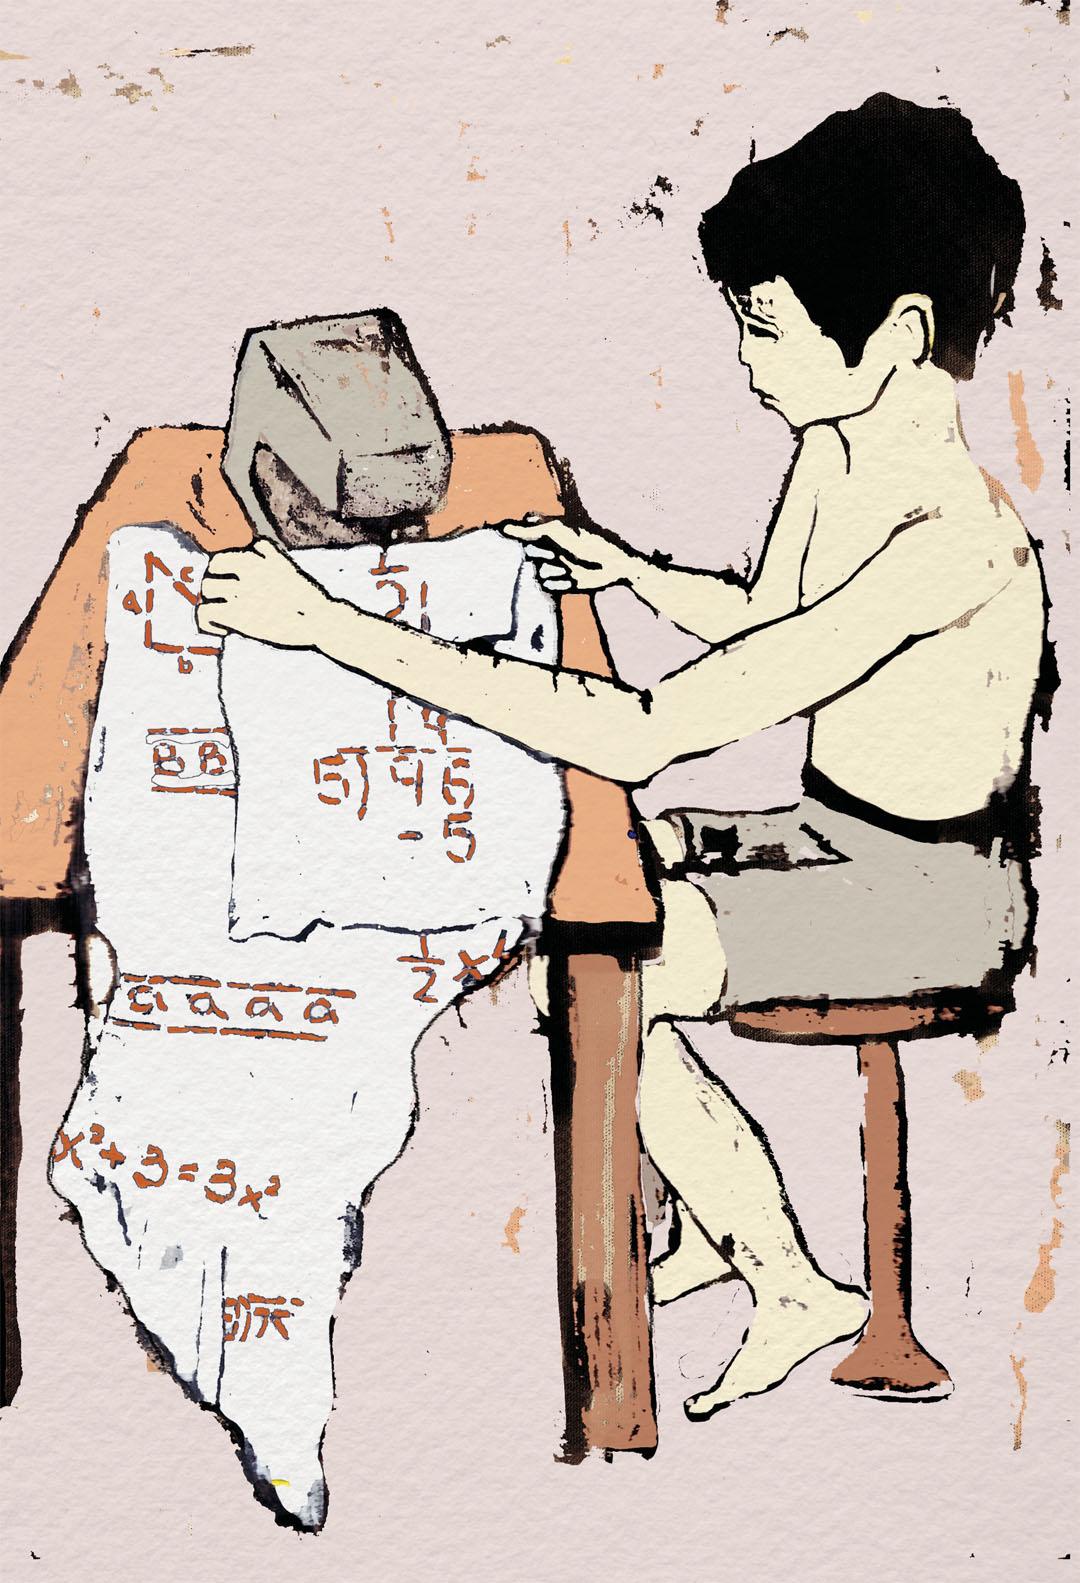 Illustration by Hira Kazmi